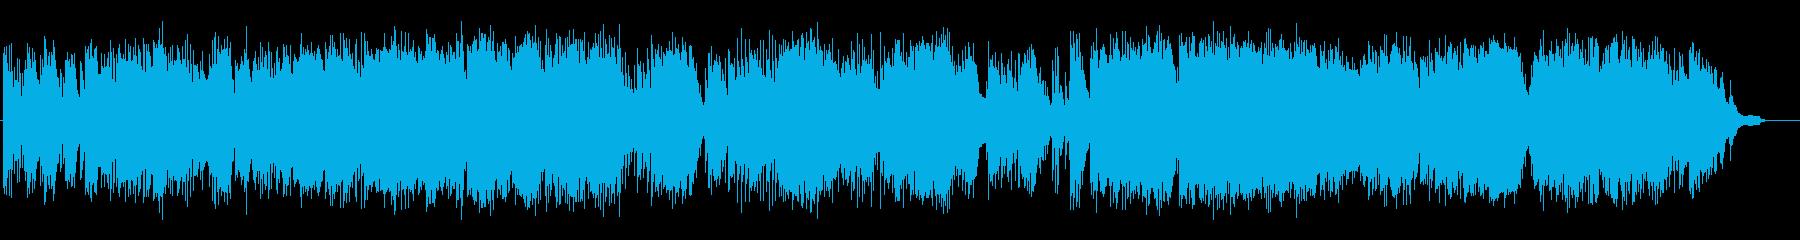 ピアノソロ即興演奏の再生済みの波形